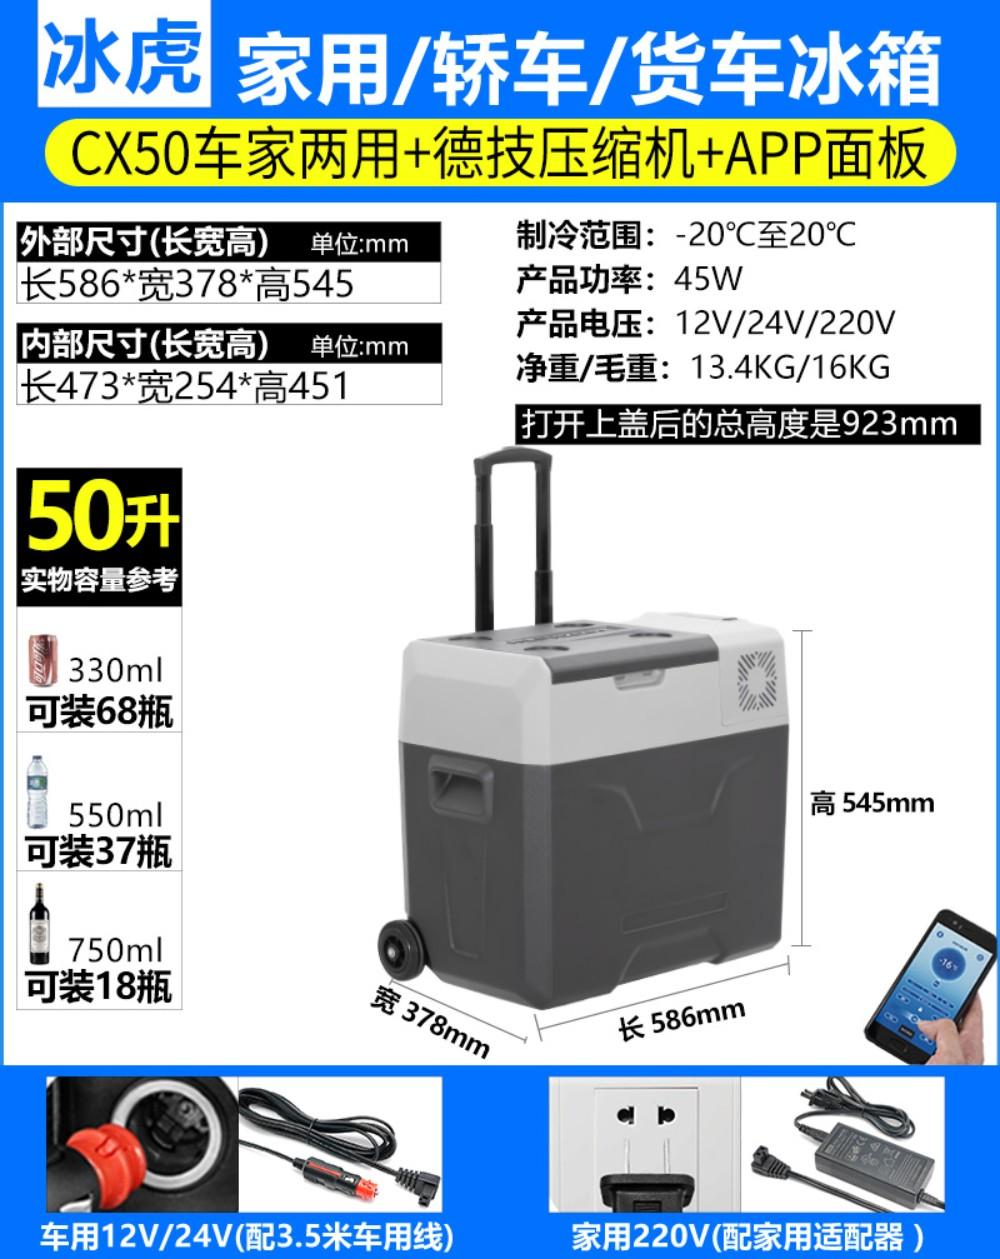 알피쿨 alpicool Cartour 차량용 캠핑 냉장고 CX시리즈 차박필수템, CX50 리터 (독일 압축기) 자동차 및 가정용 + APP 패널 용 이중 사용